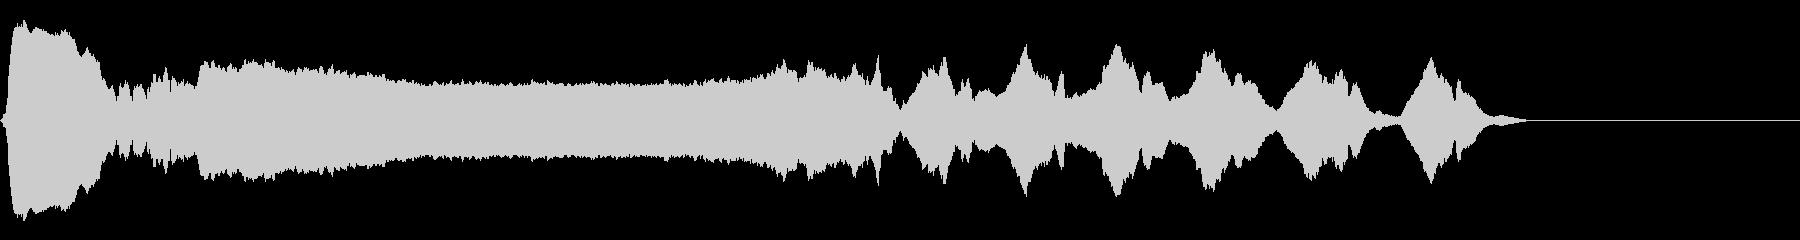 [生録音]和縦笛-ワンショット素材01の未再生の波形